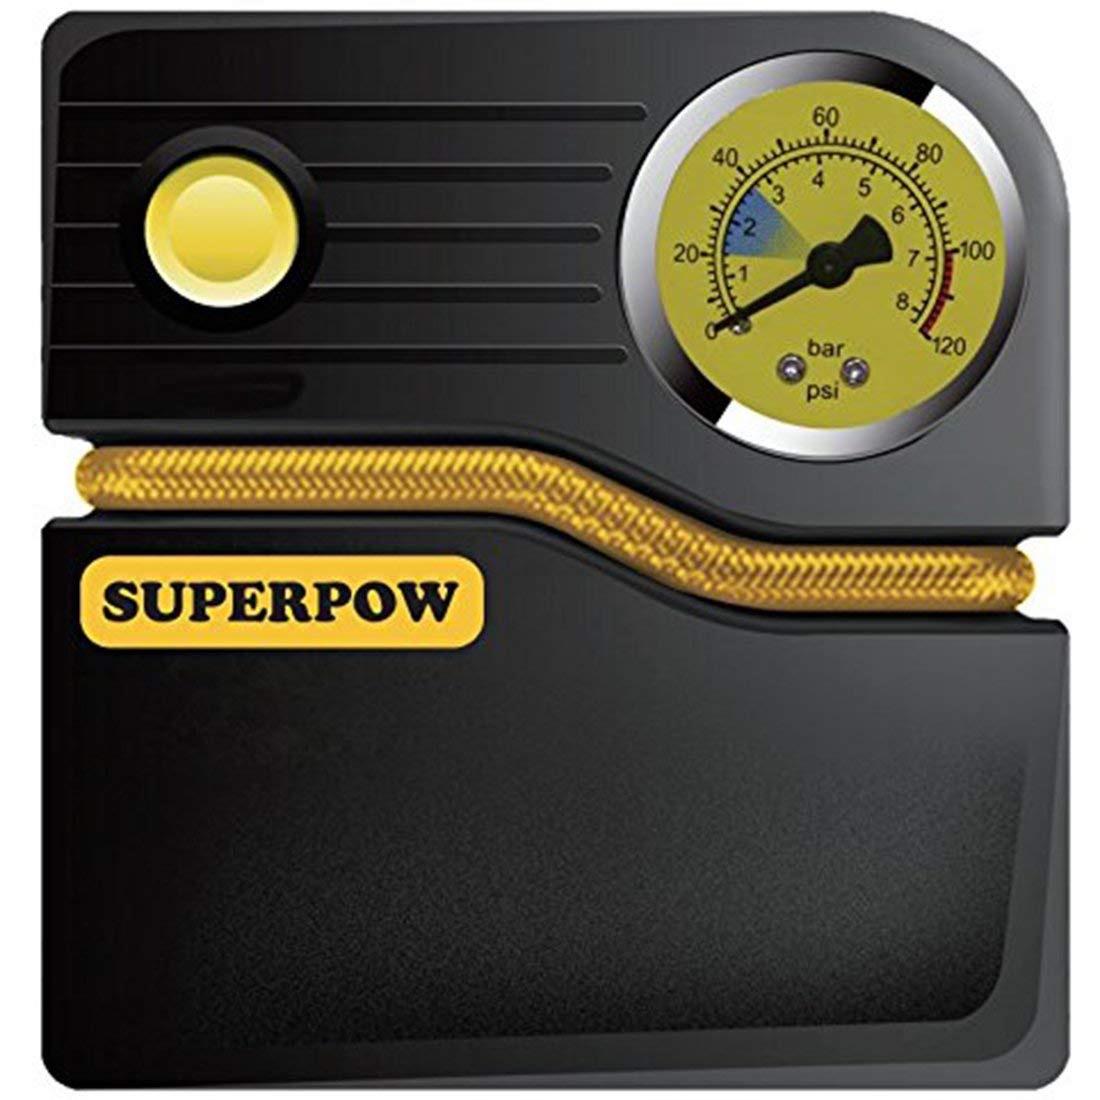 Compresseur d'Air Portable SuperPow 120PSI - 12V (vendeur tiers)